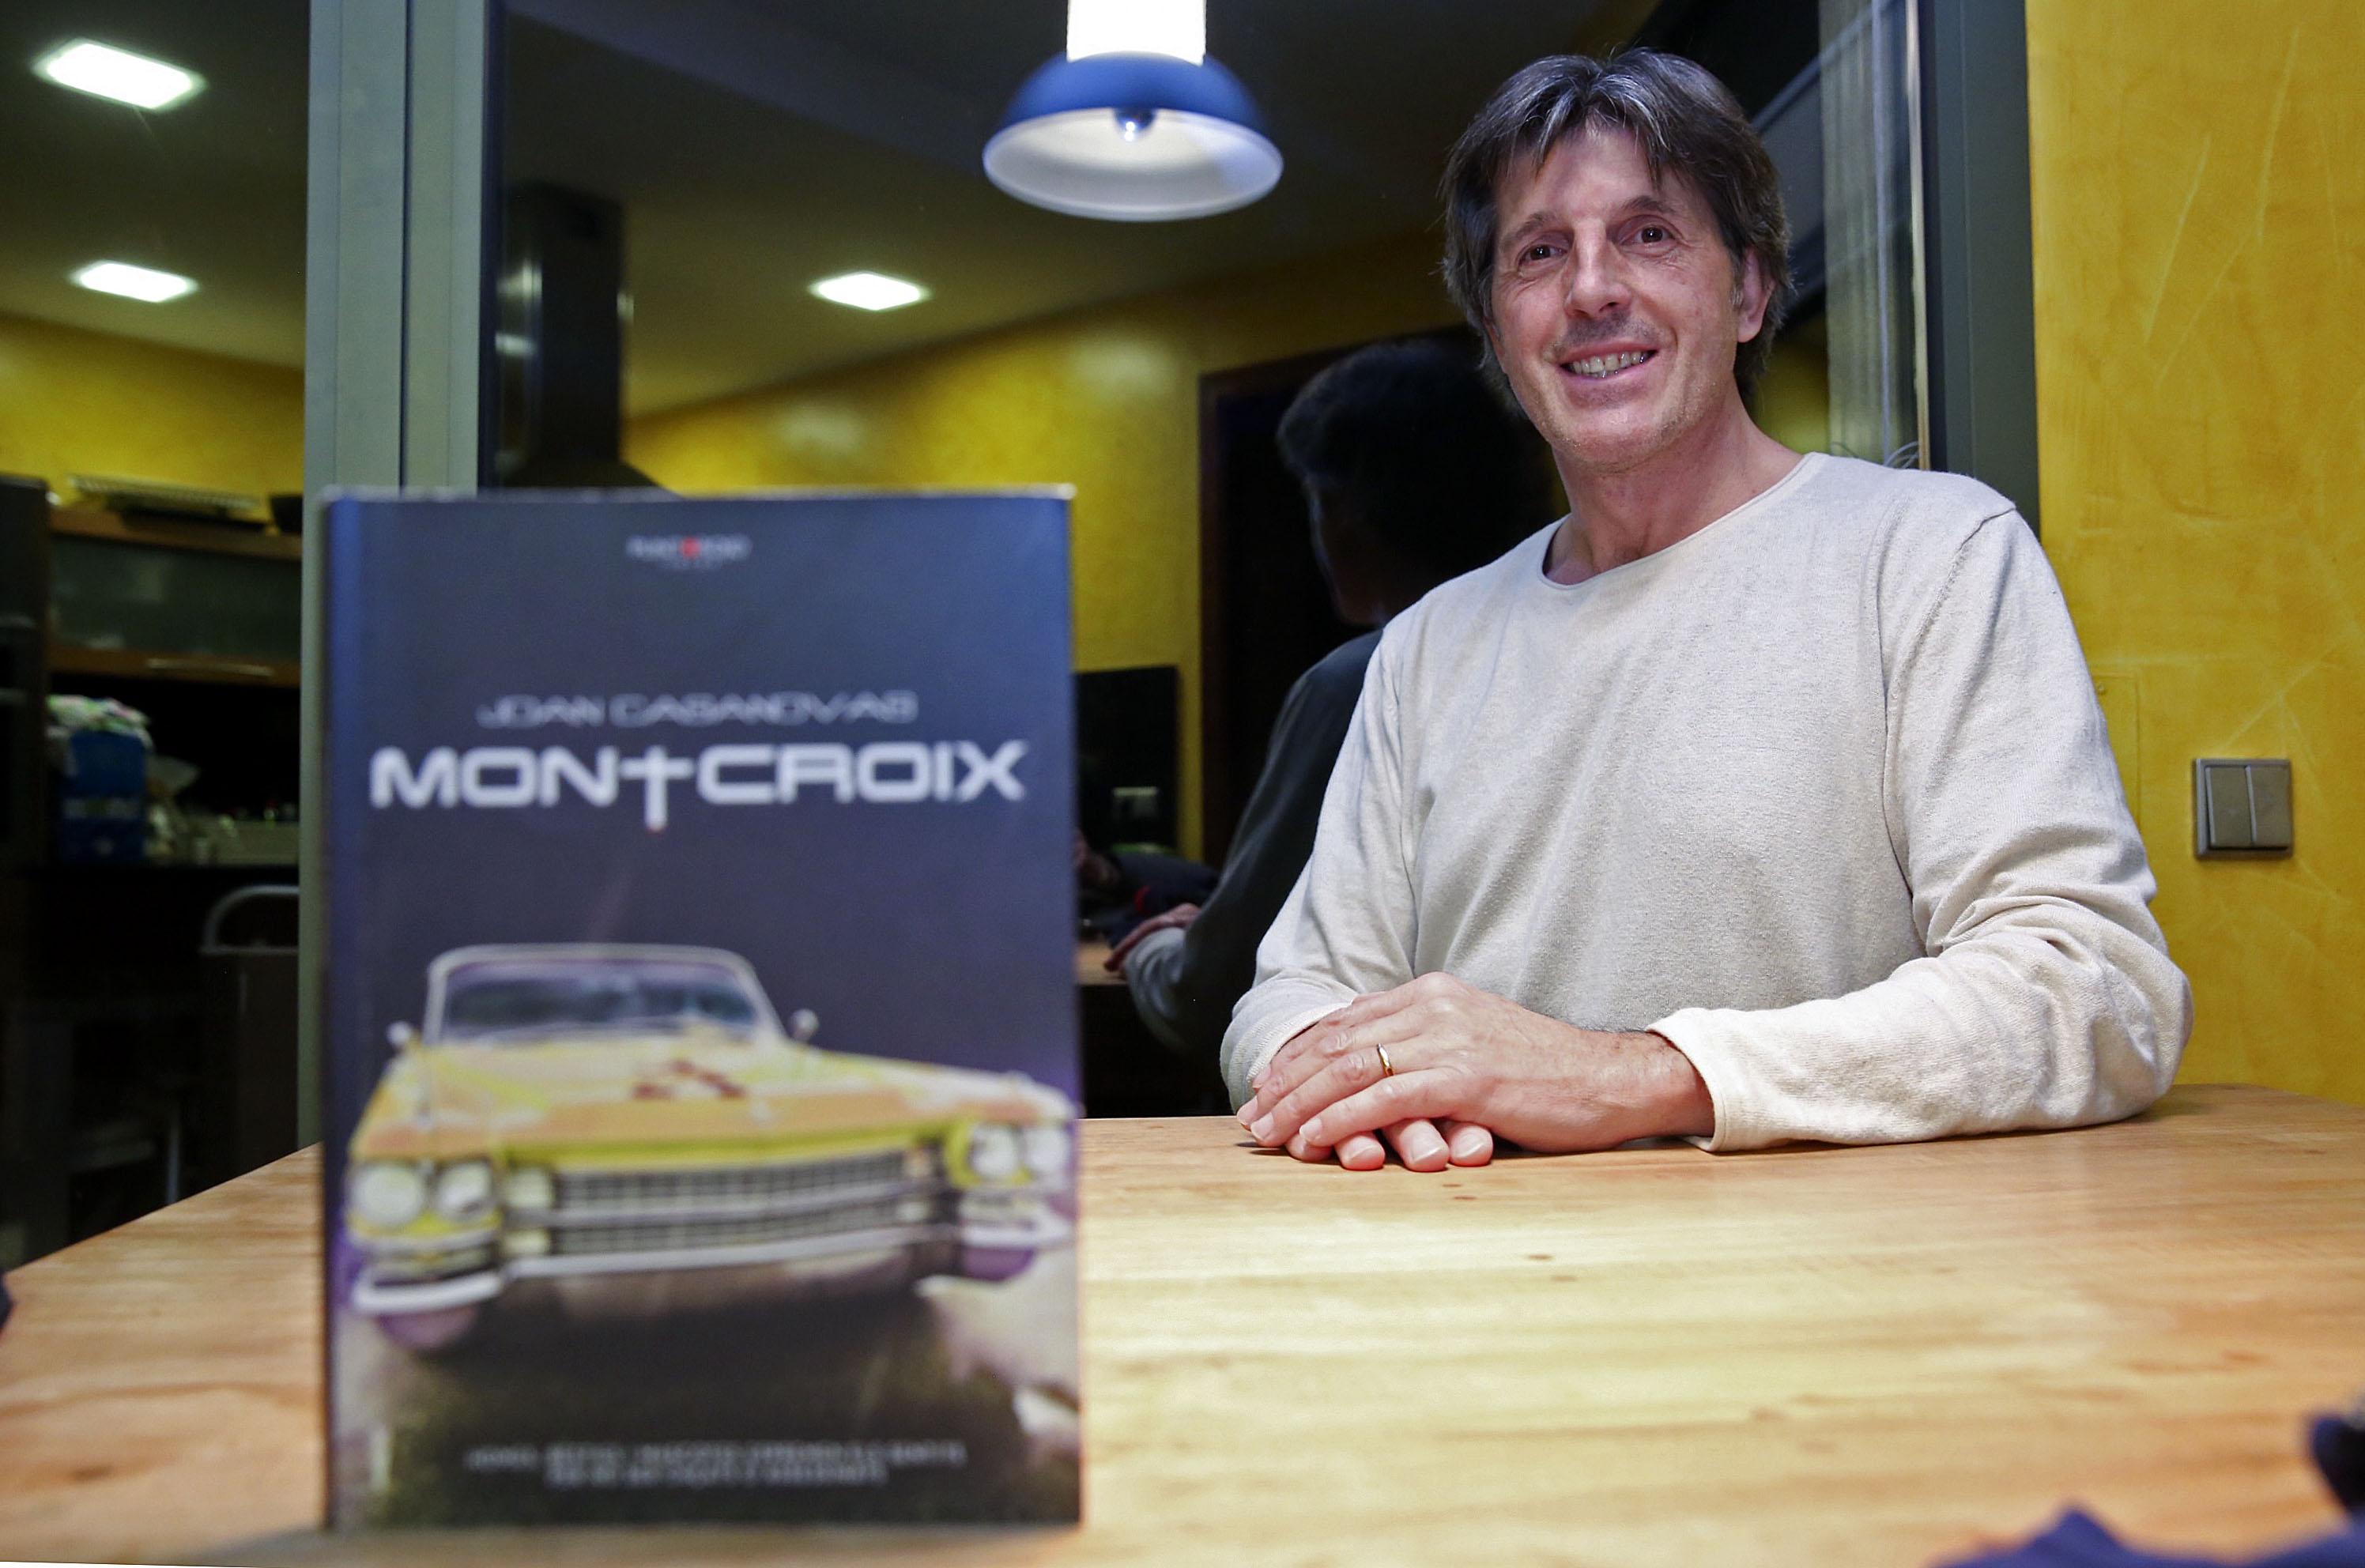 Joan Casanovas amb la seva novel·la, 'Montcroix'